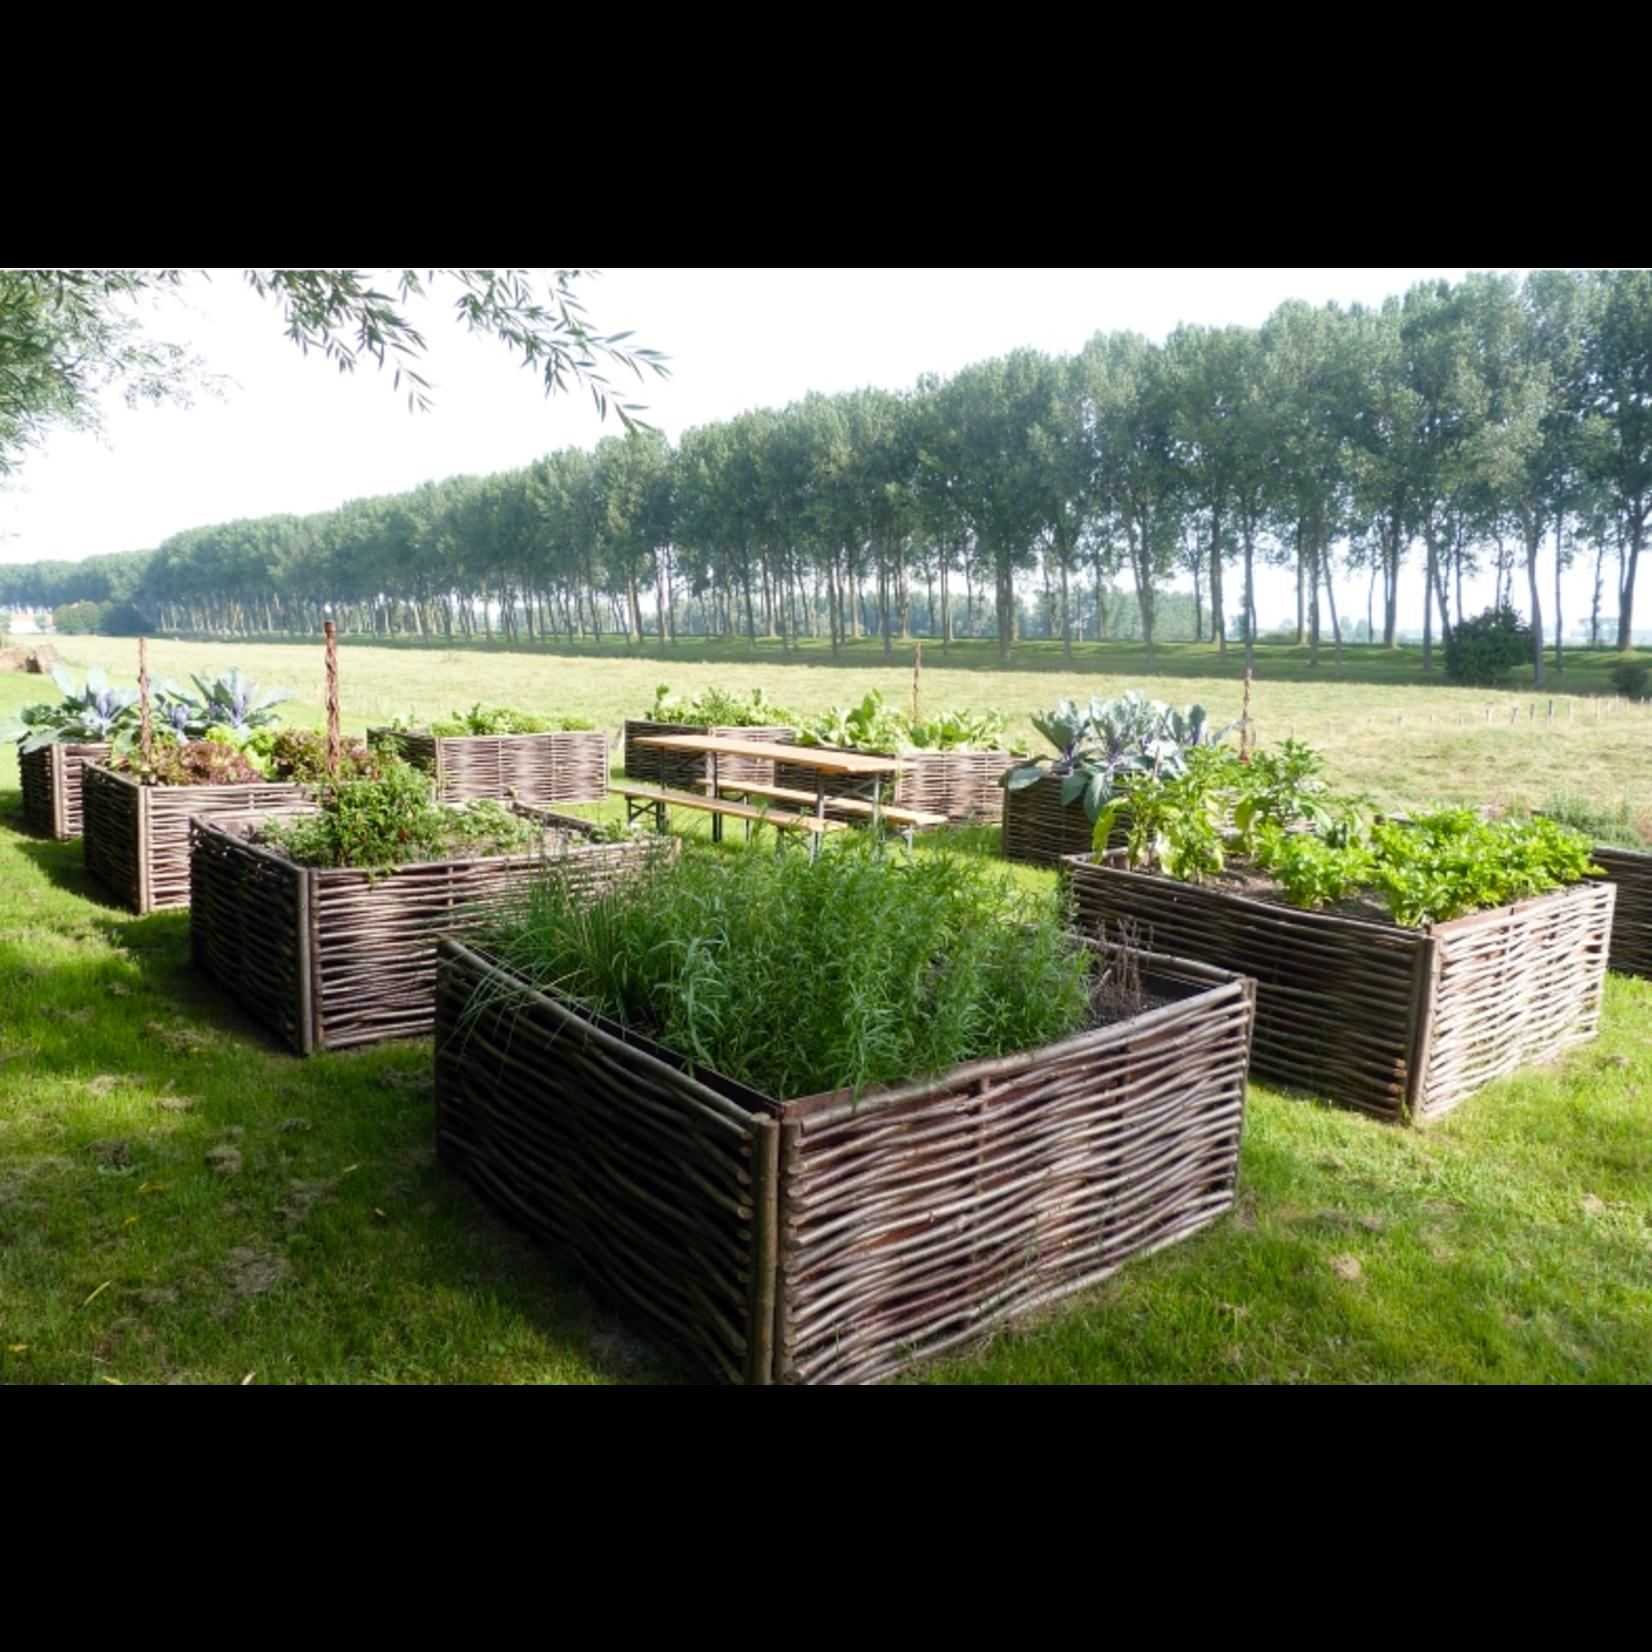 Moestuinbakken en plantenbakken afbeelding